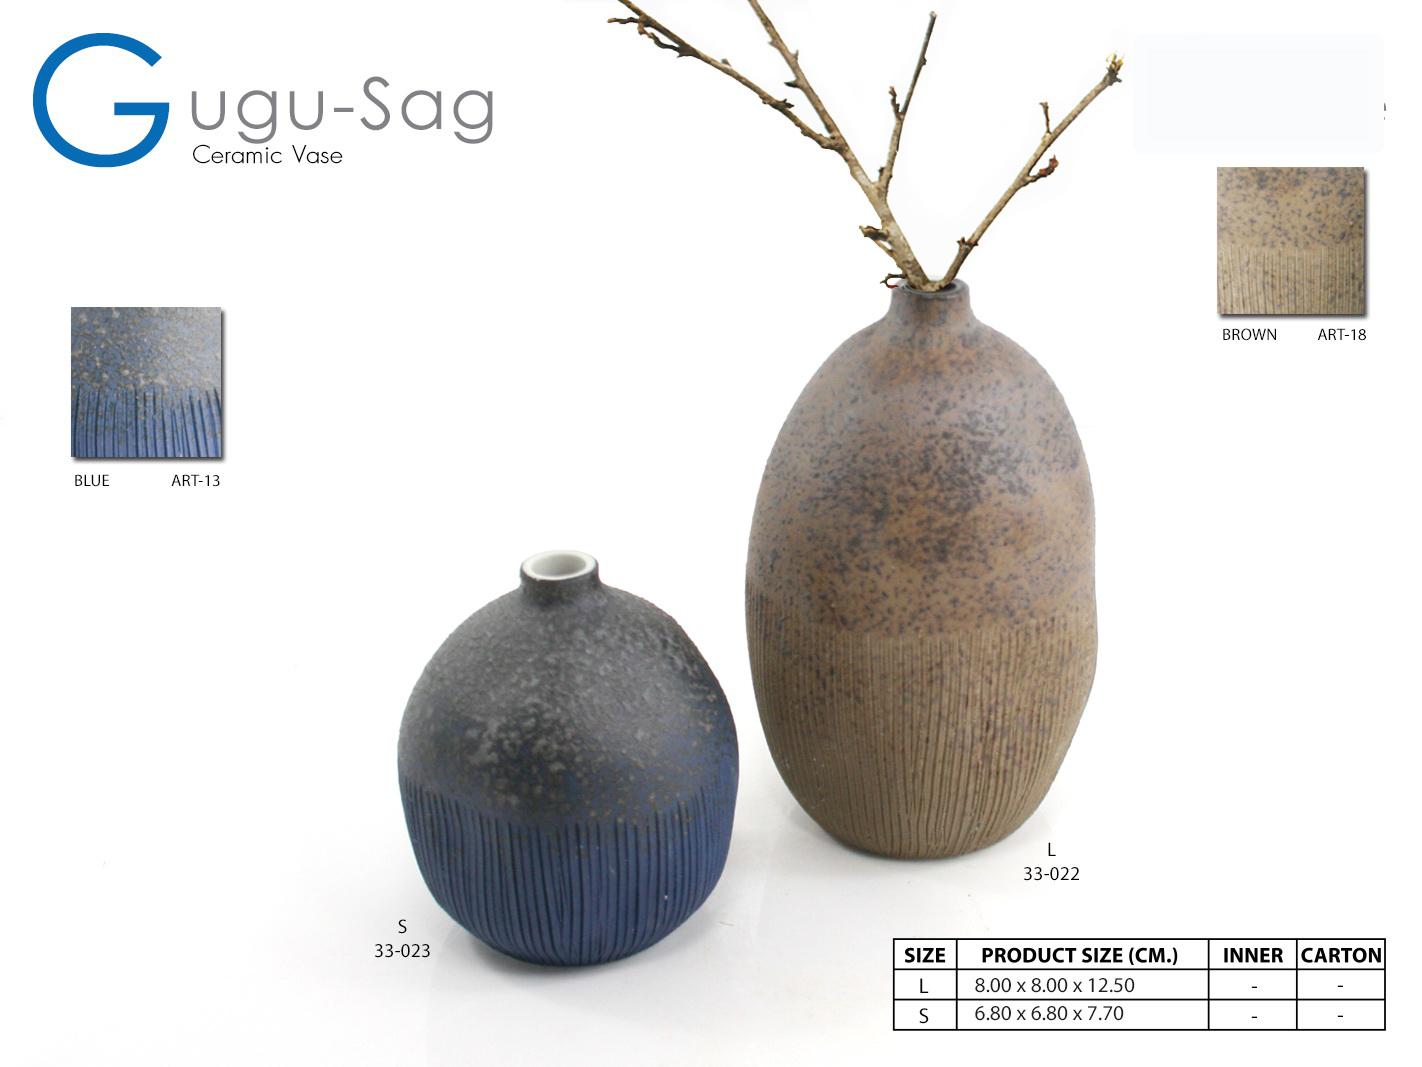 PSCV-Gugu-Sag-L-S-ART-13-18